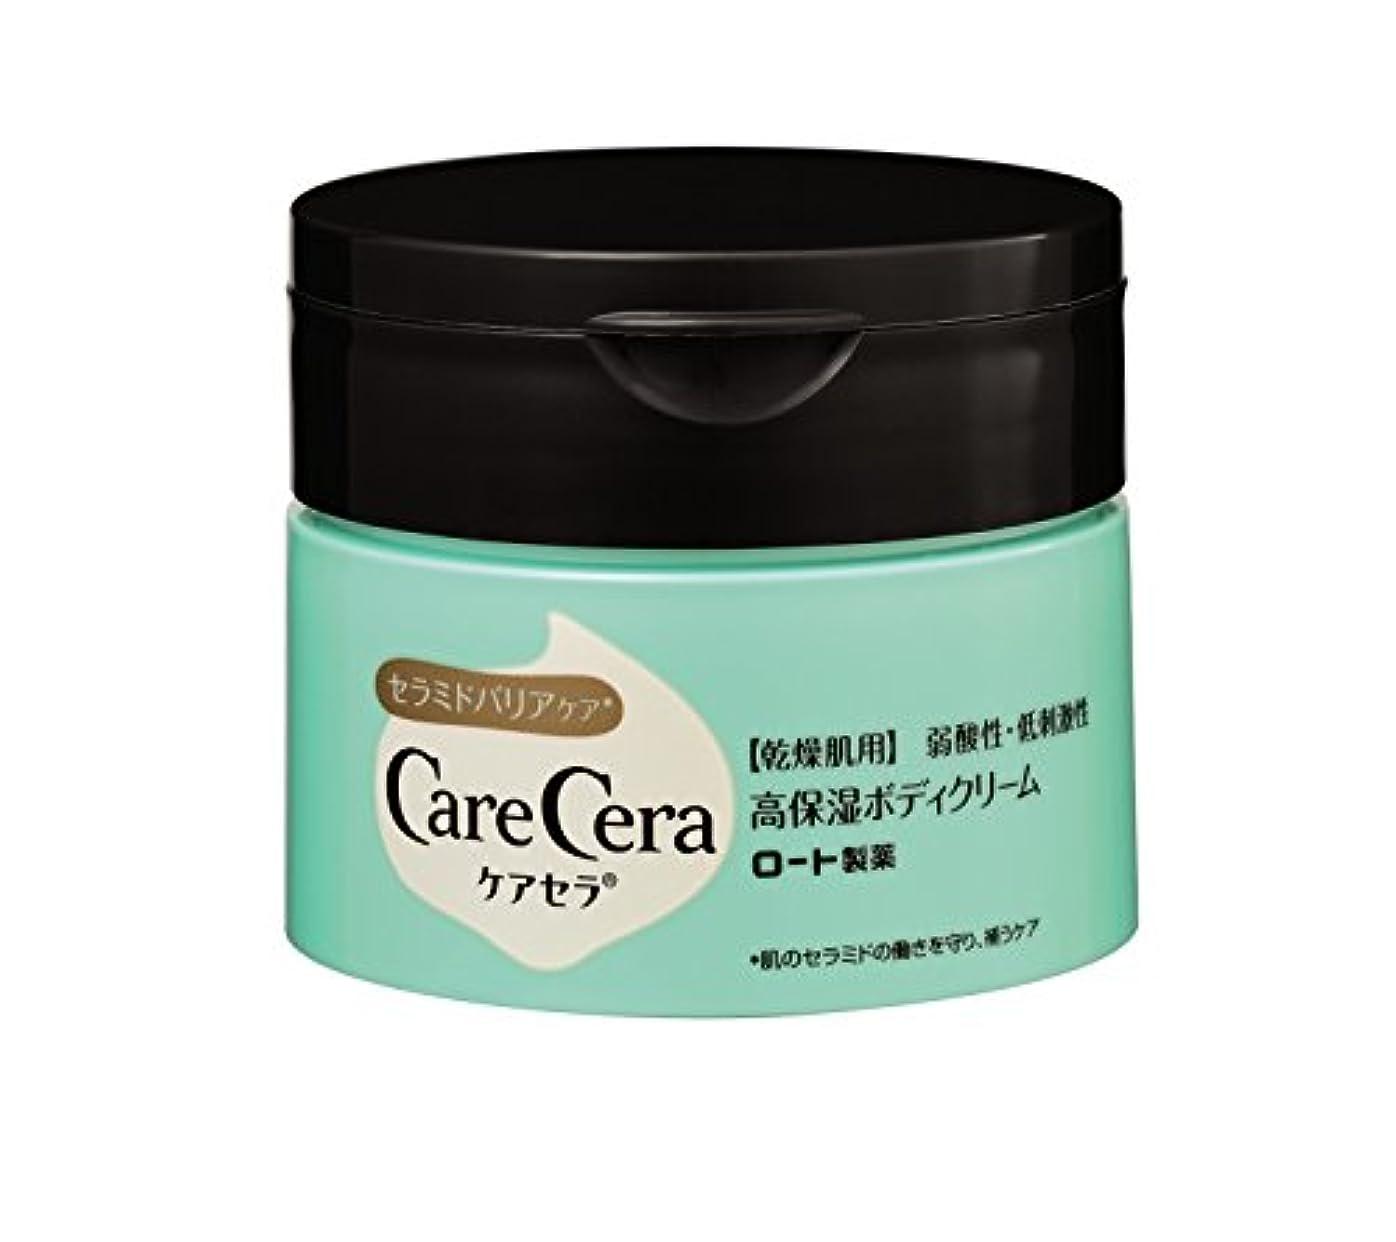 独占内なる陰謀CareCera(ケアセラ) 高保湿 ボディクリーム 100g